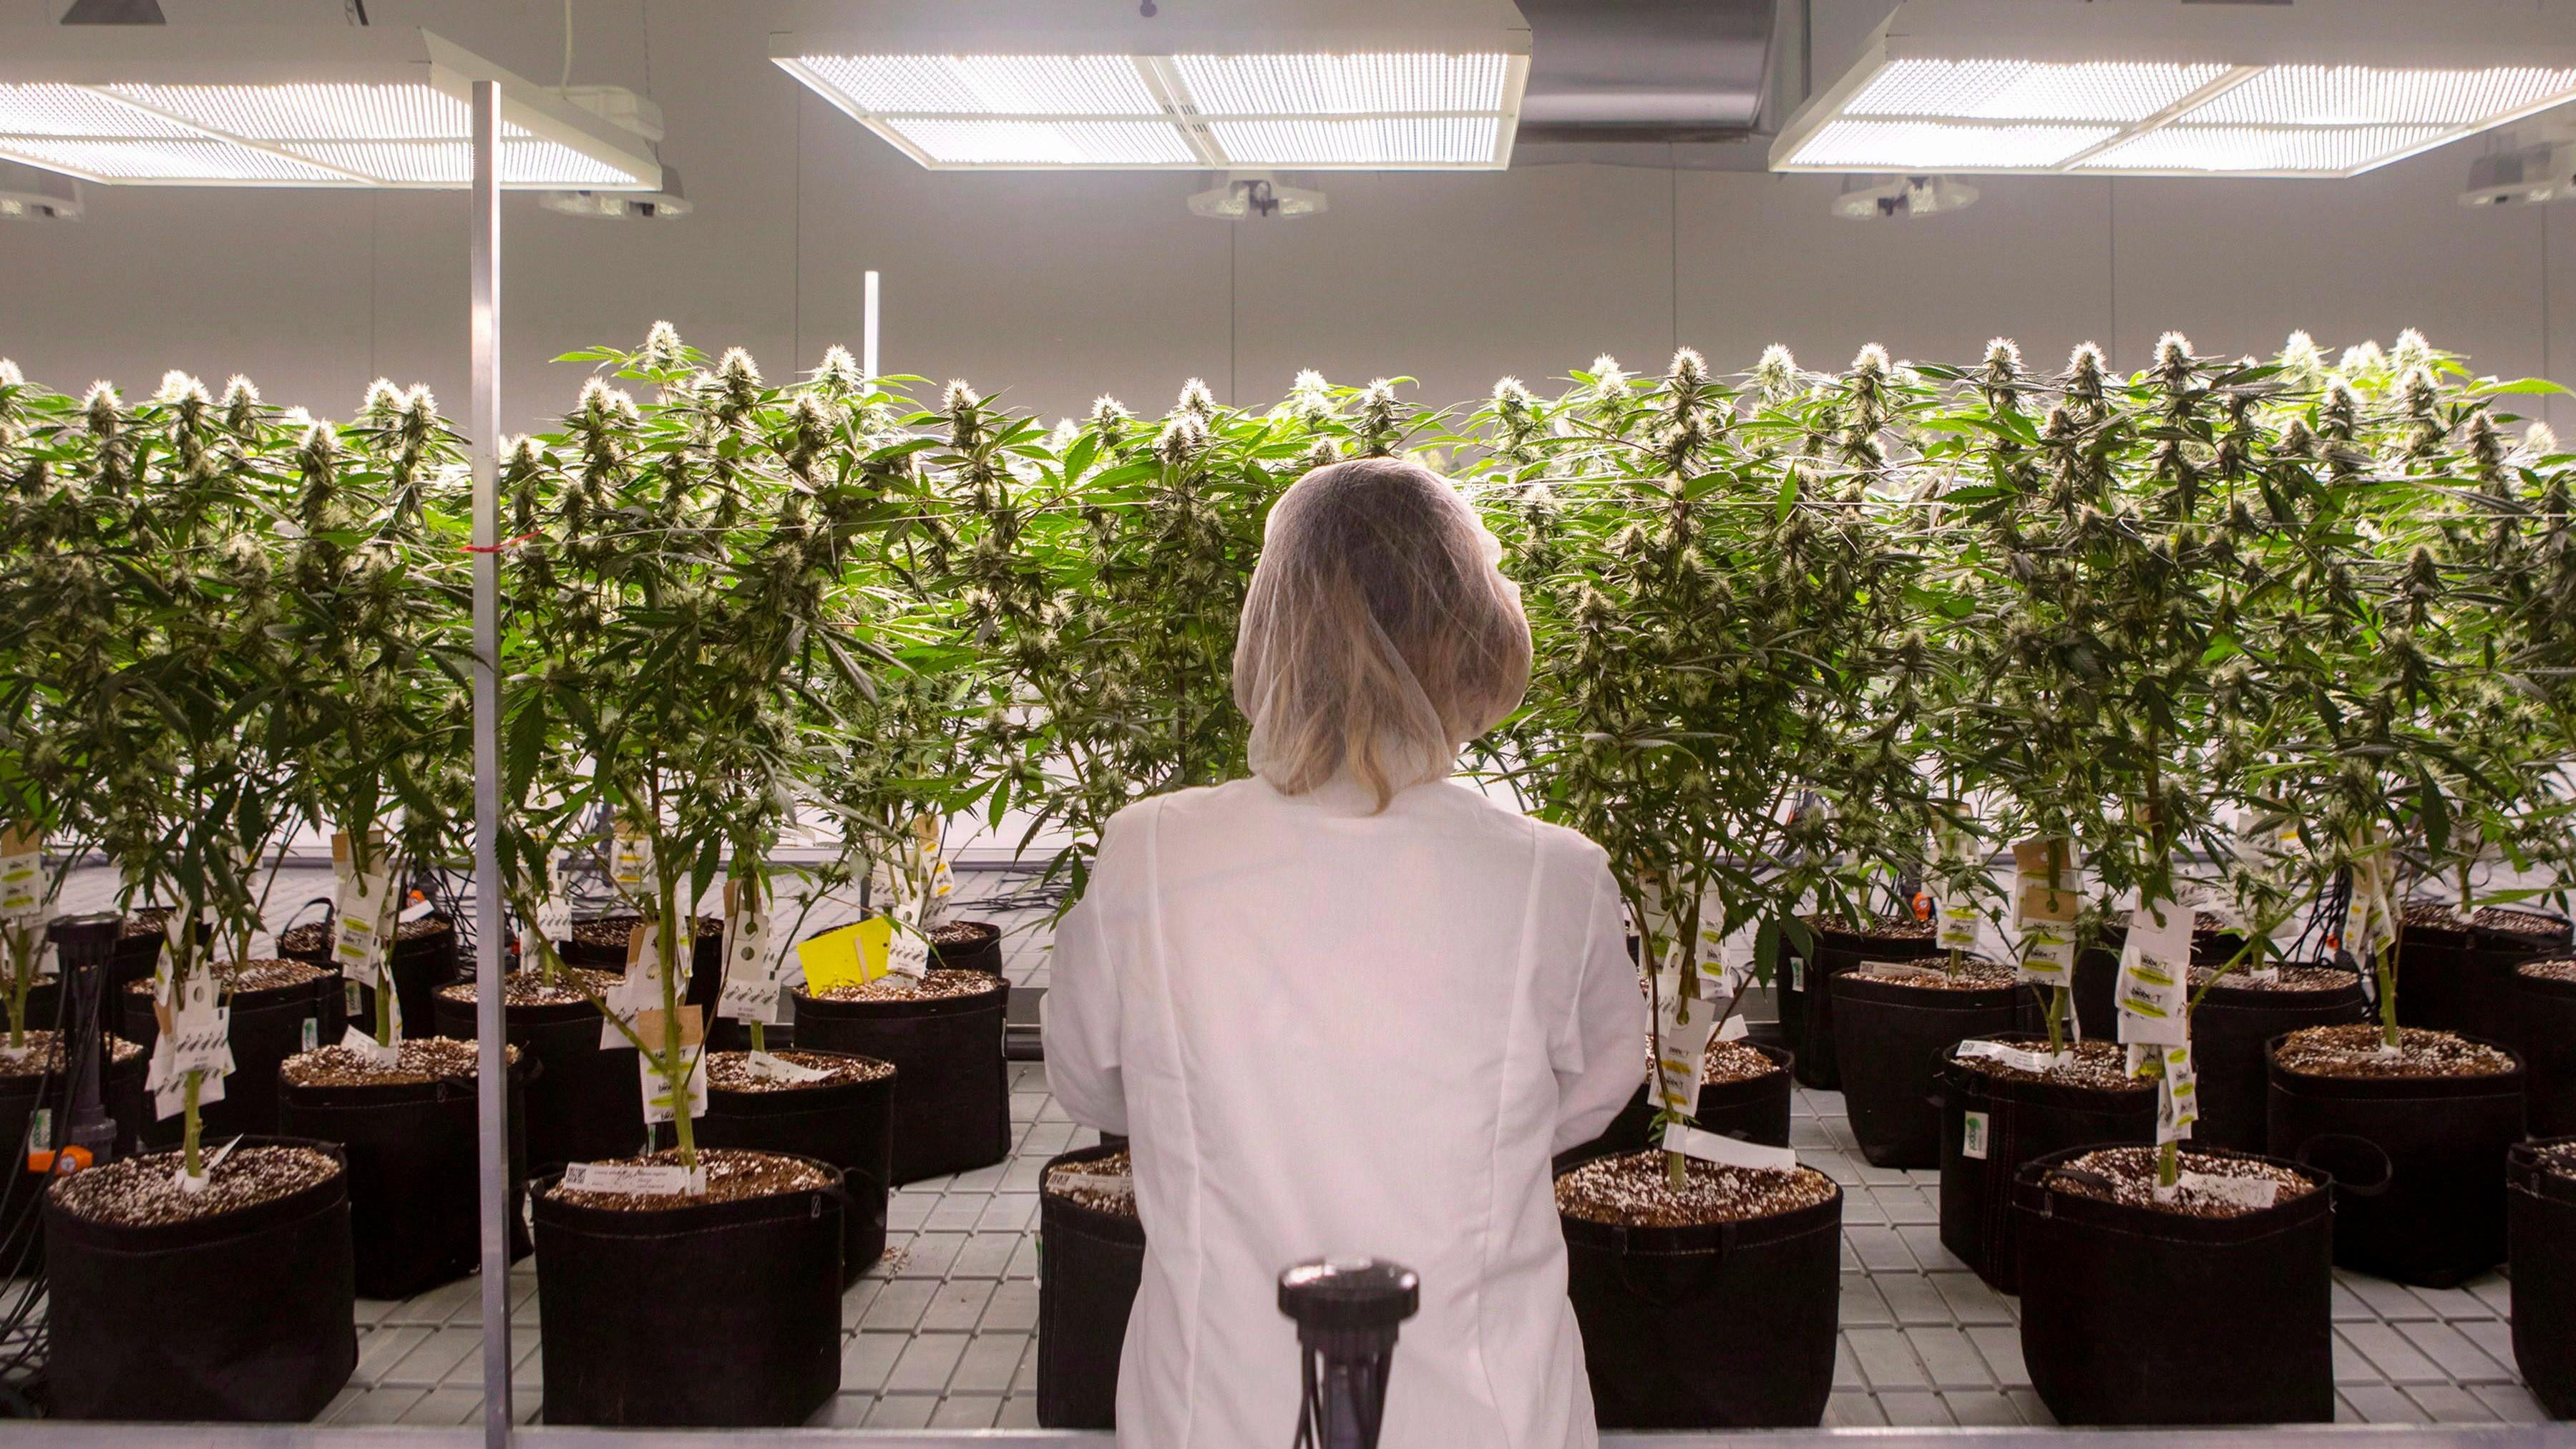 Algunos productores con licencia están vendiendo aceites de malezas que son placebos: investigadores